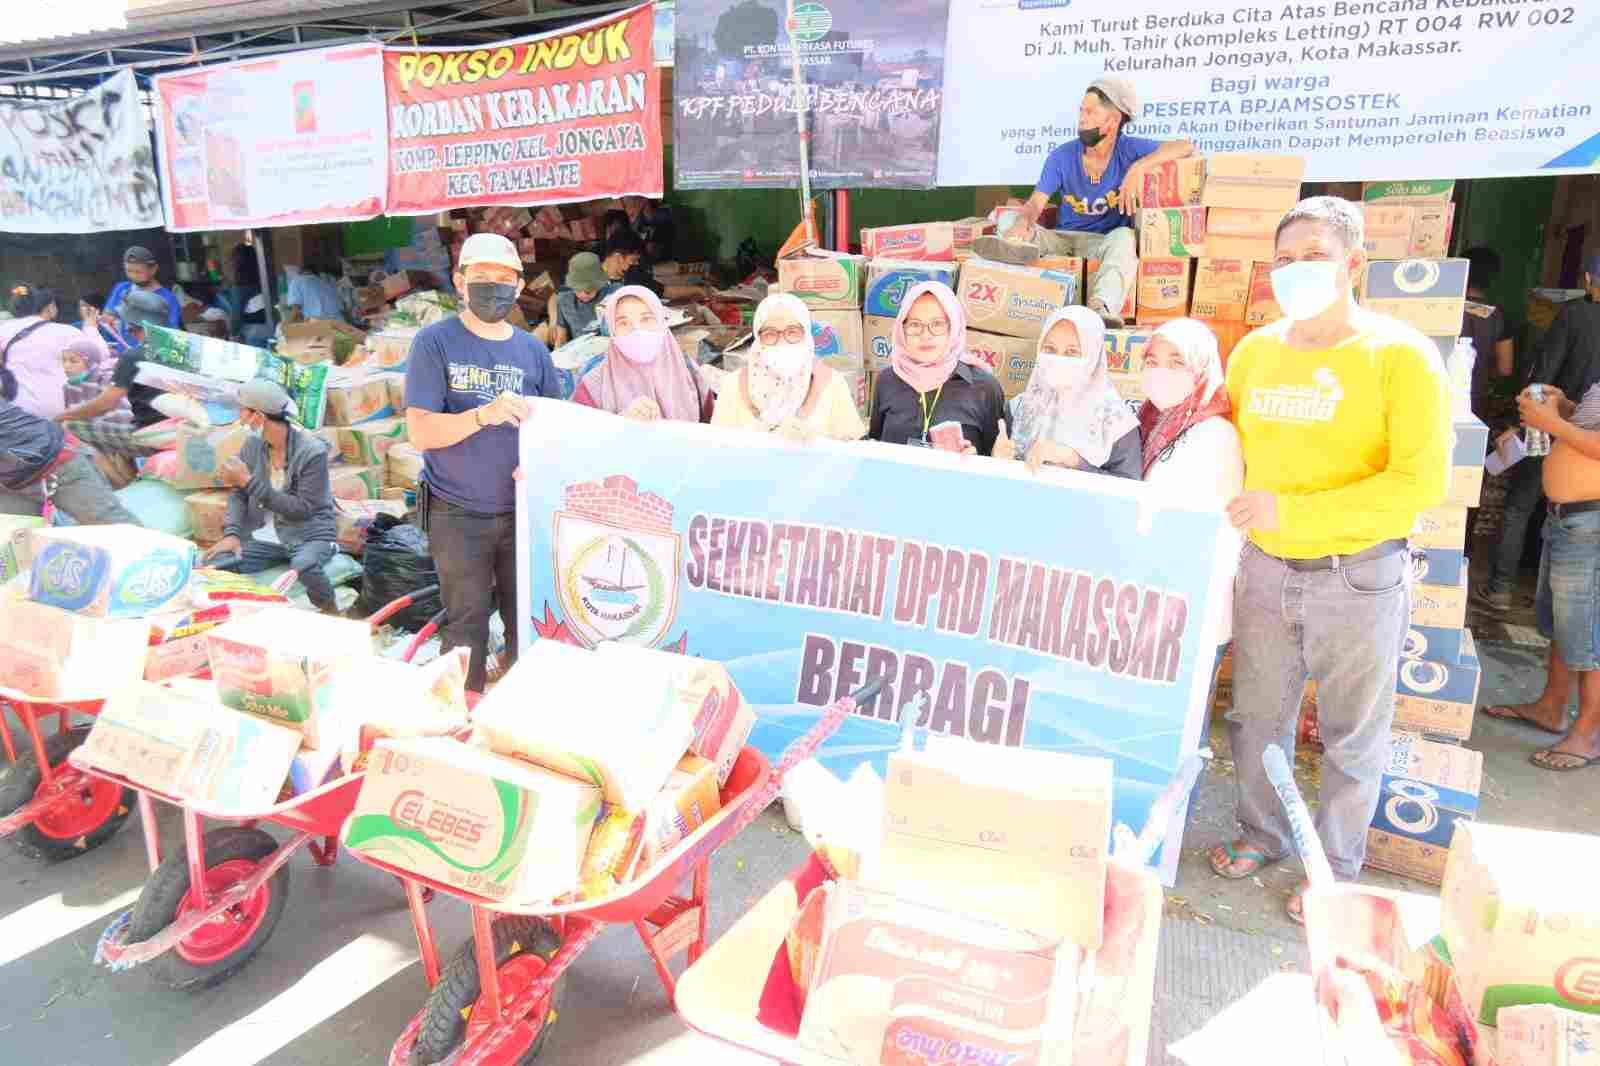 Sekertariat DPRD Makassar Berbagi Bantuan Korban Bencana Kebakaran Kampung Lepping